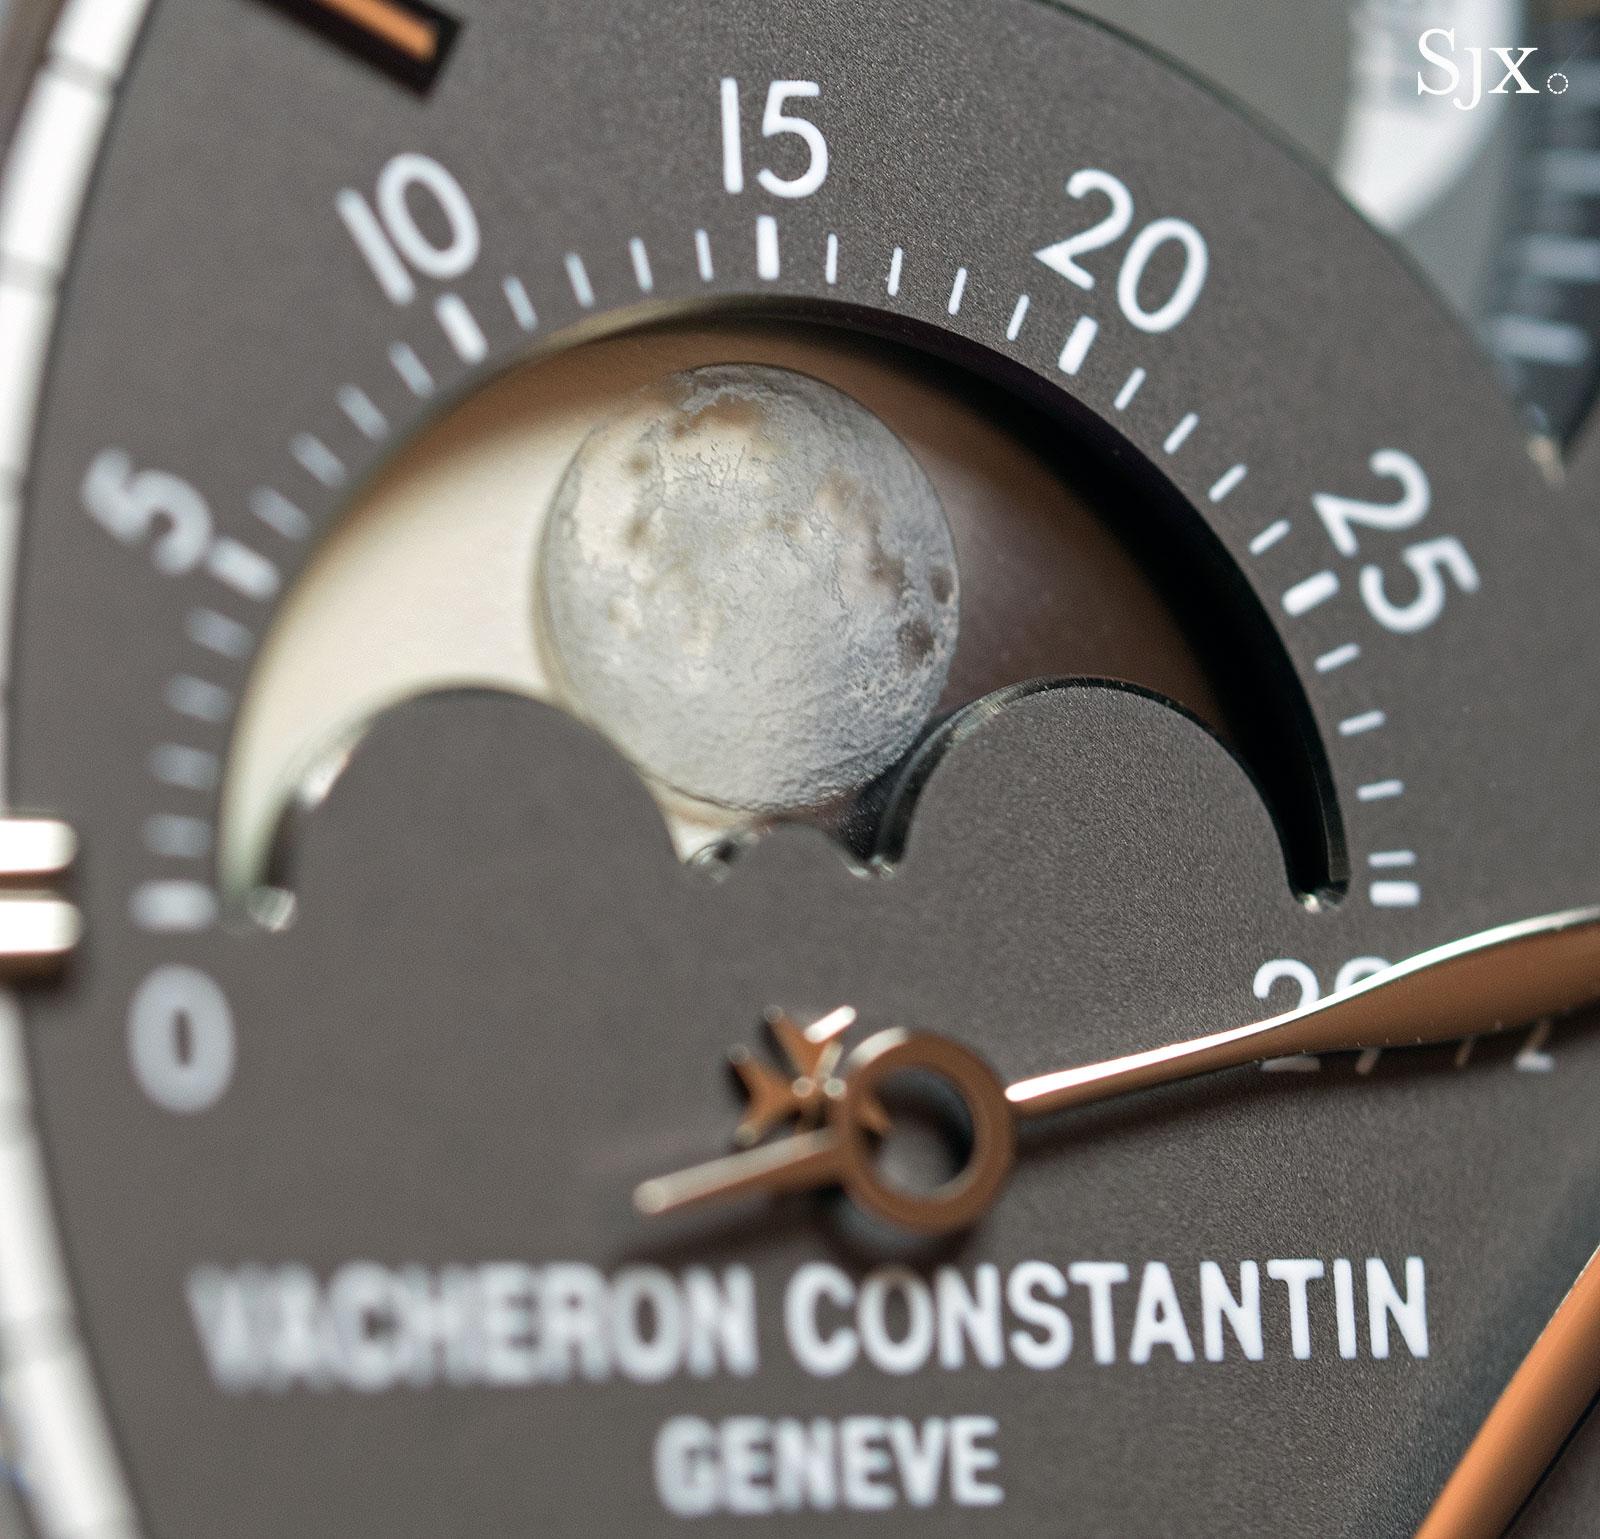 Vacheron Constantin Celestia Astronomical Grand Complication 11